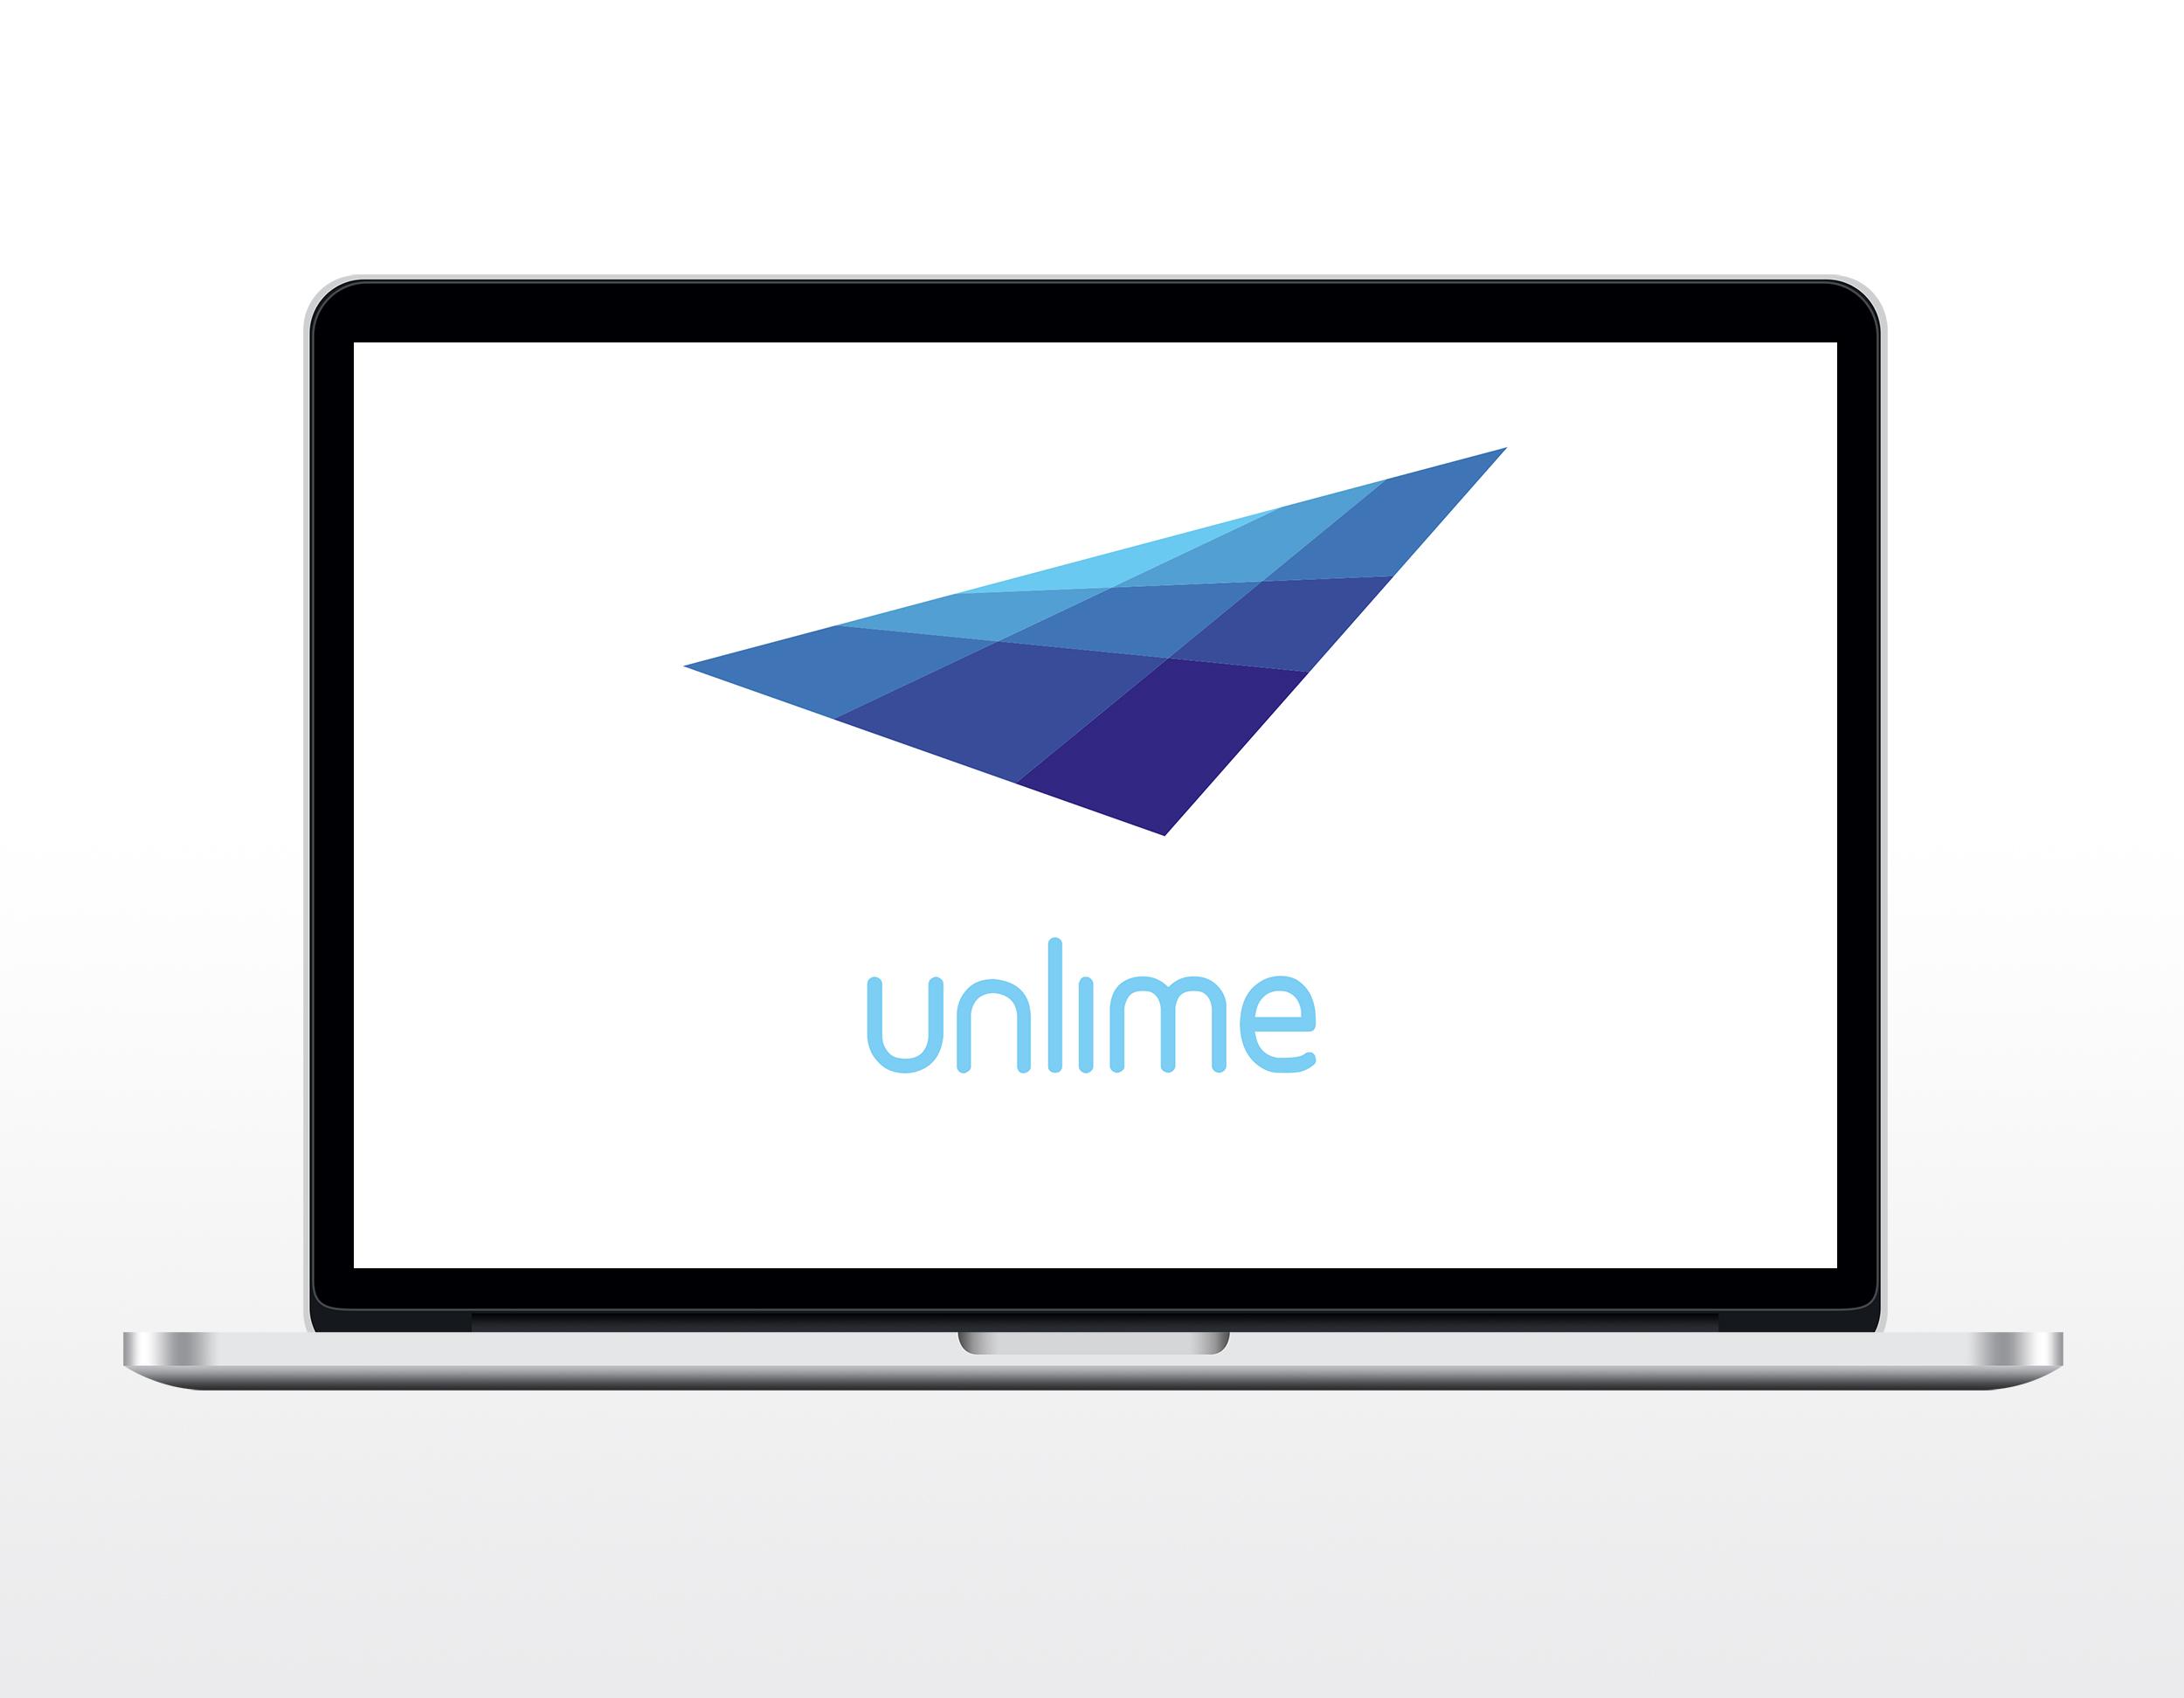 Разработка логотипа и фирменного стиля фото f_4135951d4fe0fd24.jpg